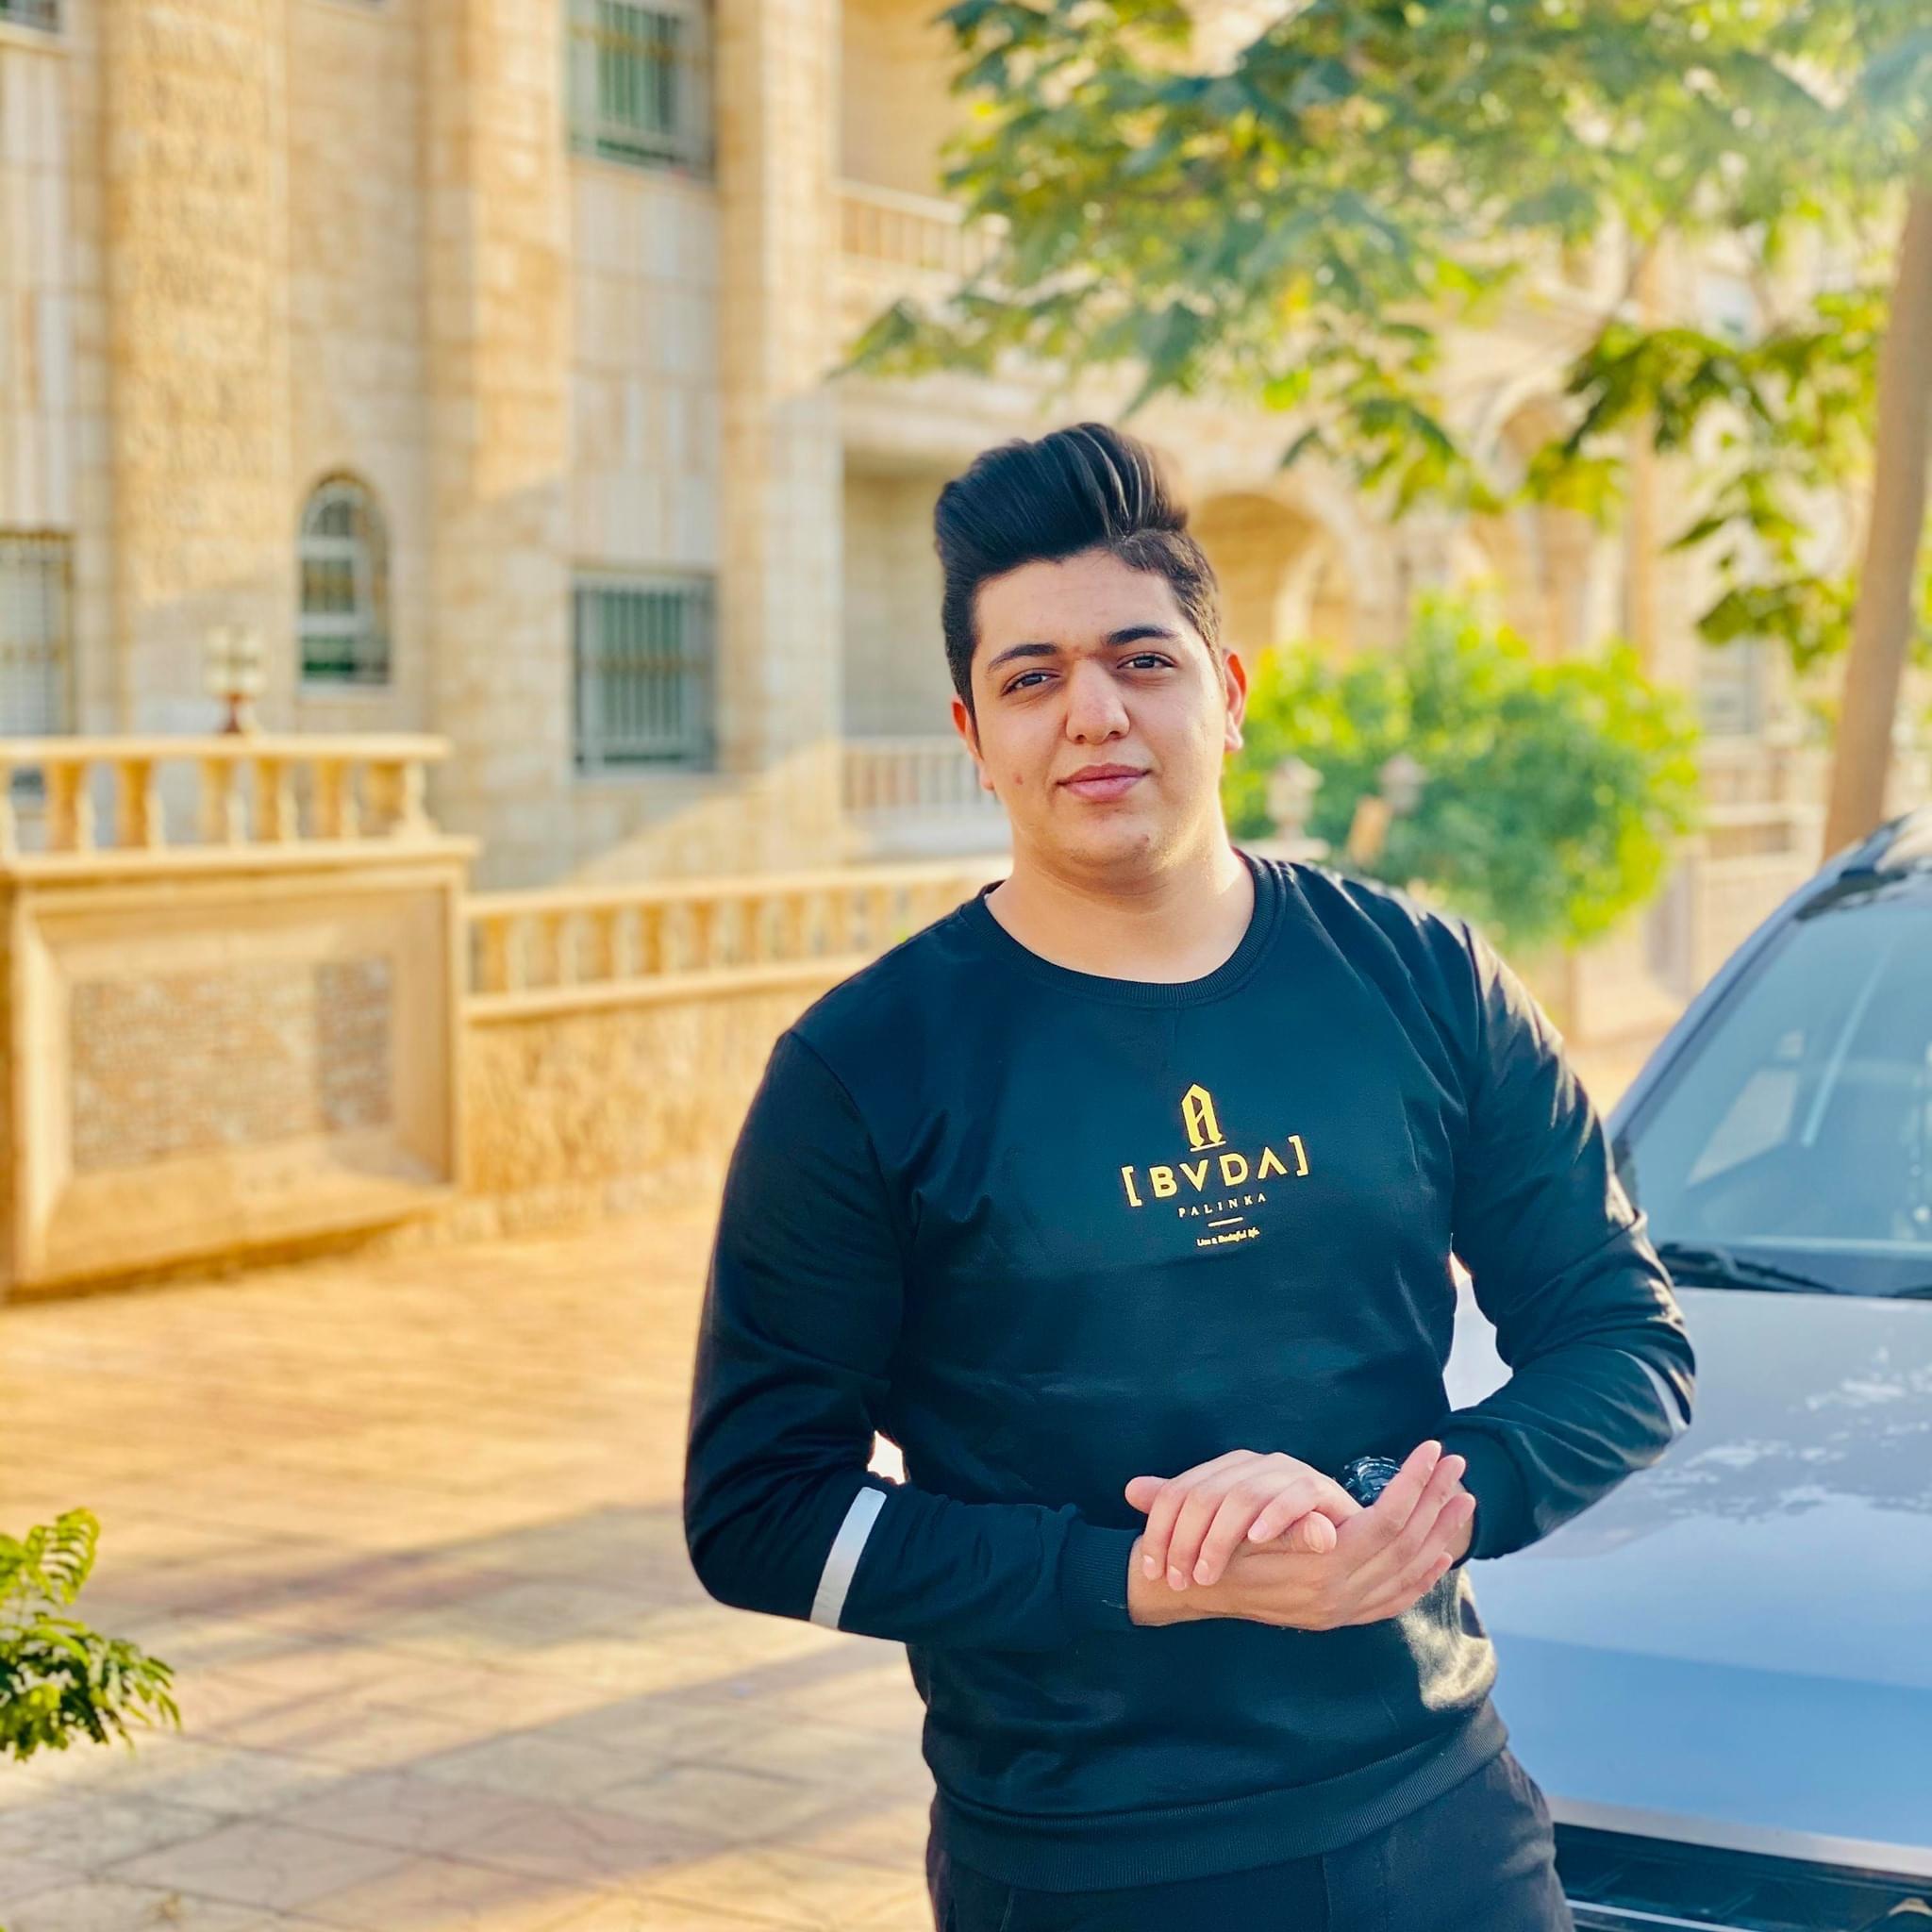 يزن حسين  ..  مبارك النجاح بالتوجيهي